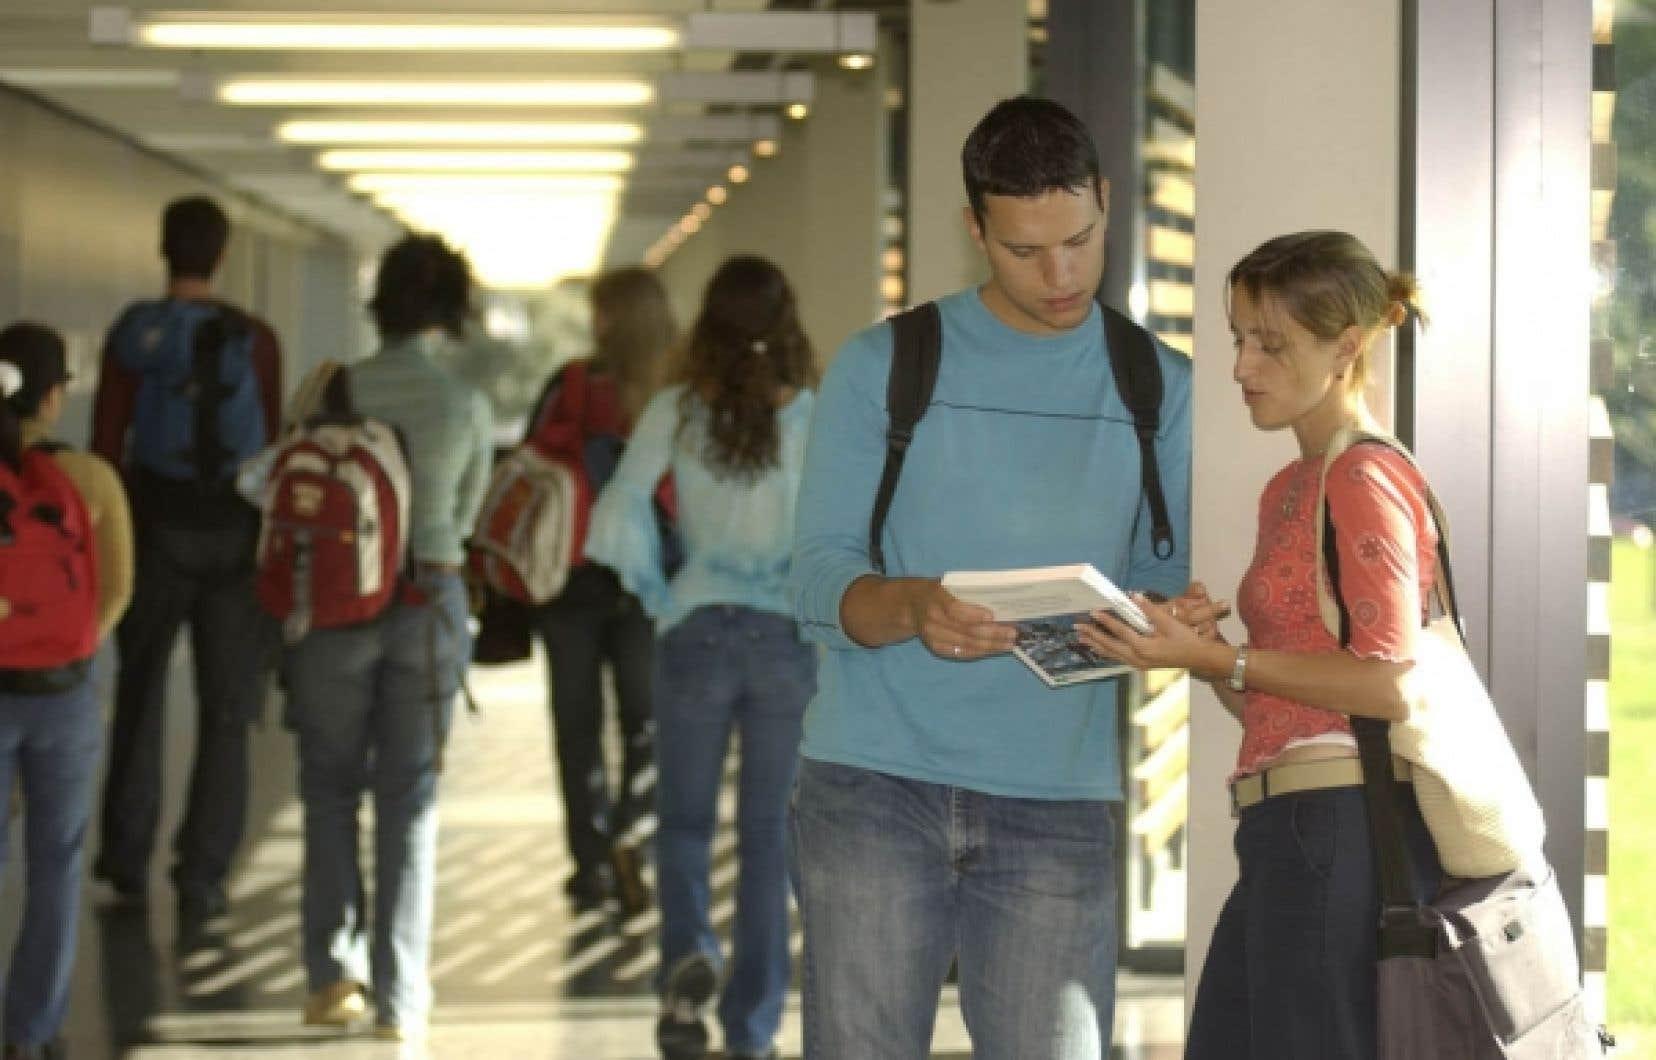 Vouloir régler le problème du sous-financement des universités en répercutant la facture aux étudiants par une hausse des droits de scolarité est une solution de facilité qui ne s'attaque pas aux vrais problèmes. <br />